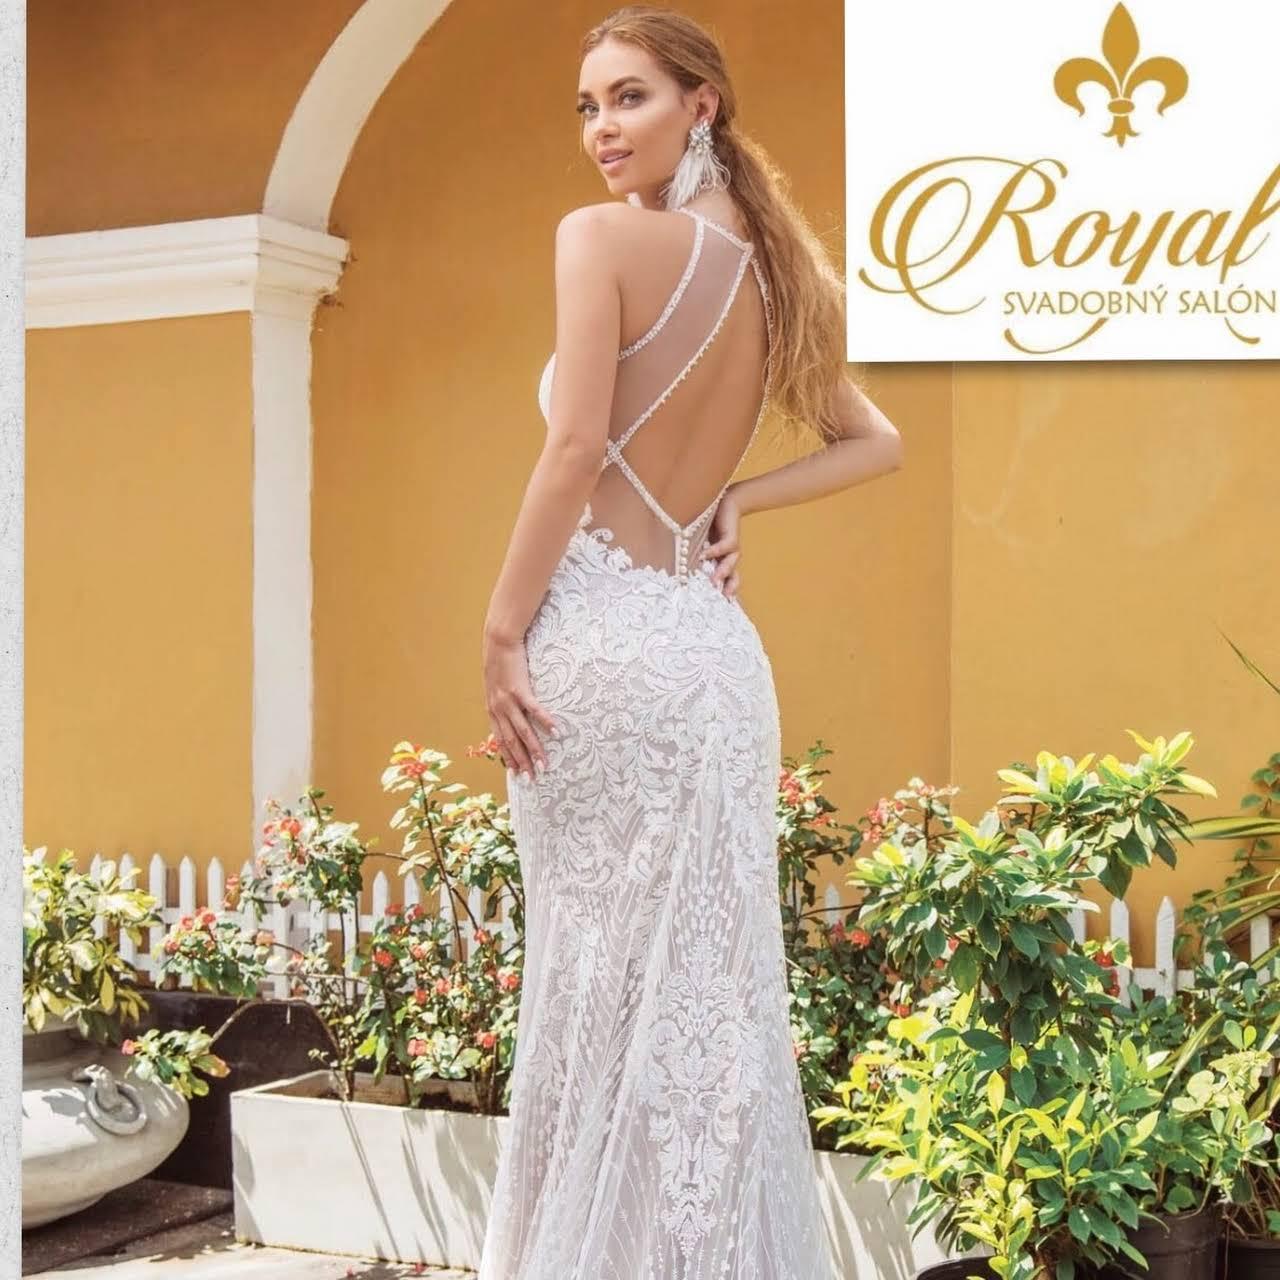 dde14e54d456 Svadobný salón Royal - Predaj a prenájom svadobných a spoločenských ...